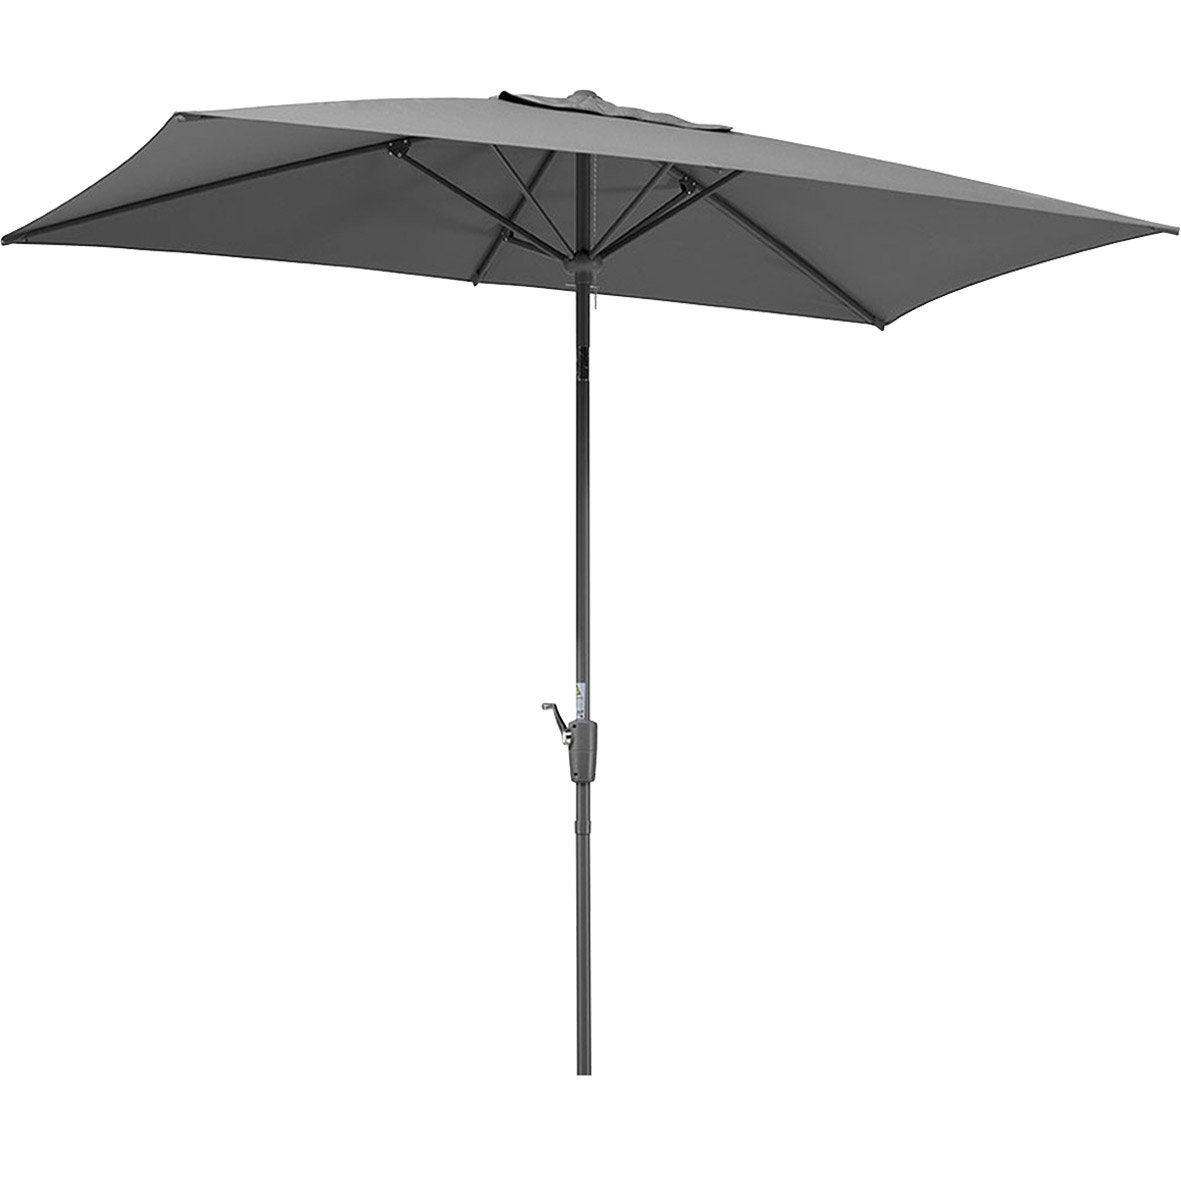 Parasol droit Tunis anthracite rectangulaire, L.270 x l.150 cm